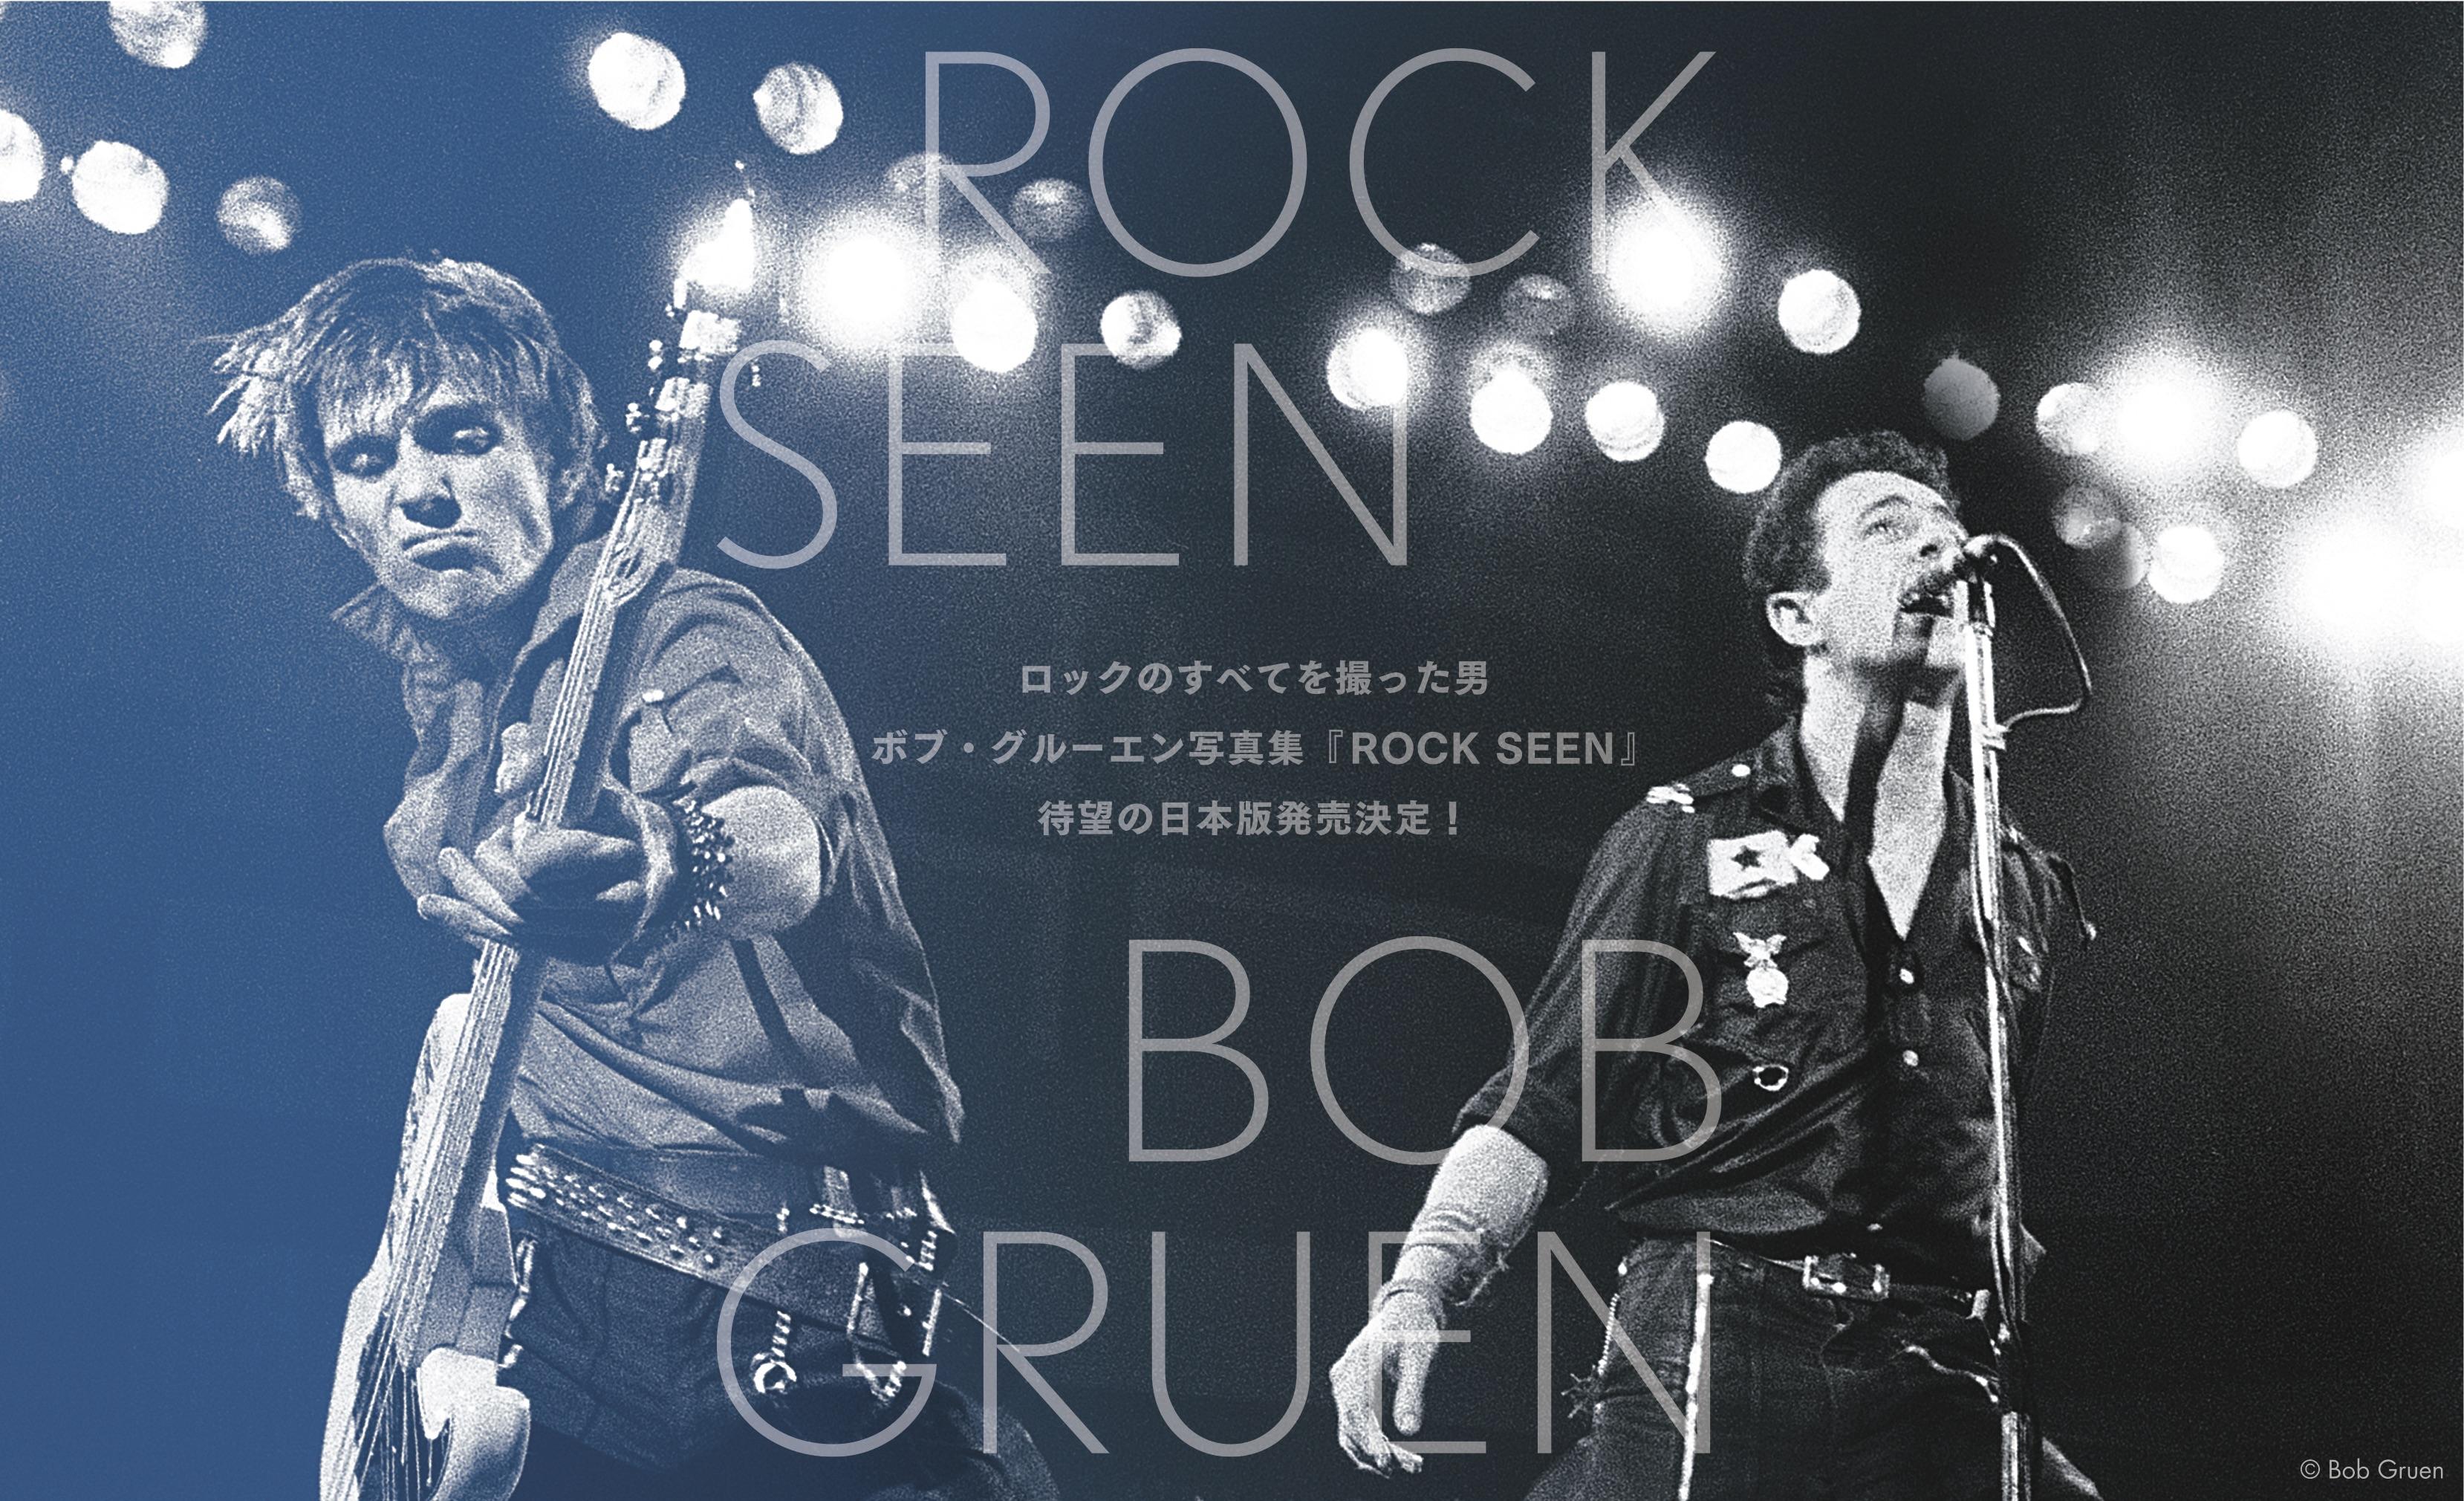 ボブ・グルーエン写真集『ROCK SEEN』  ポストカード10枚セット、プレゼントキャンペーン!